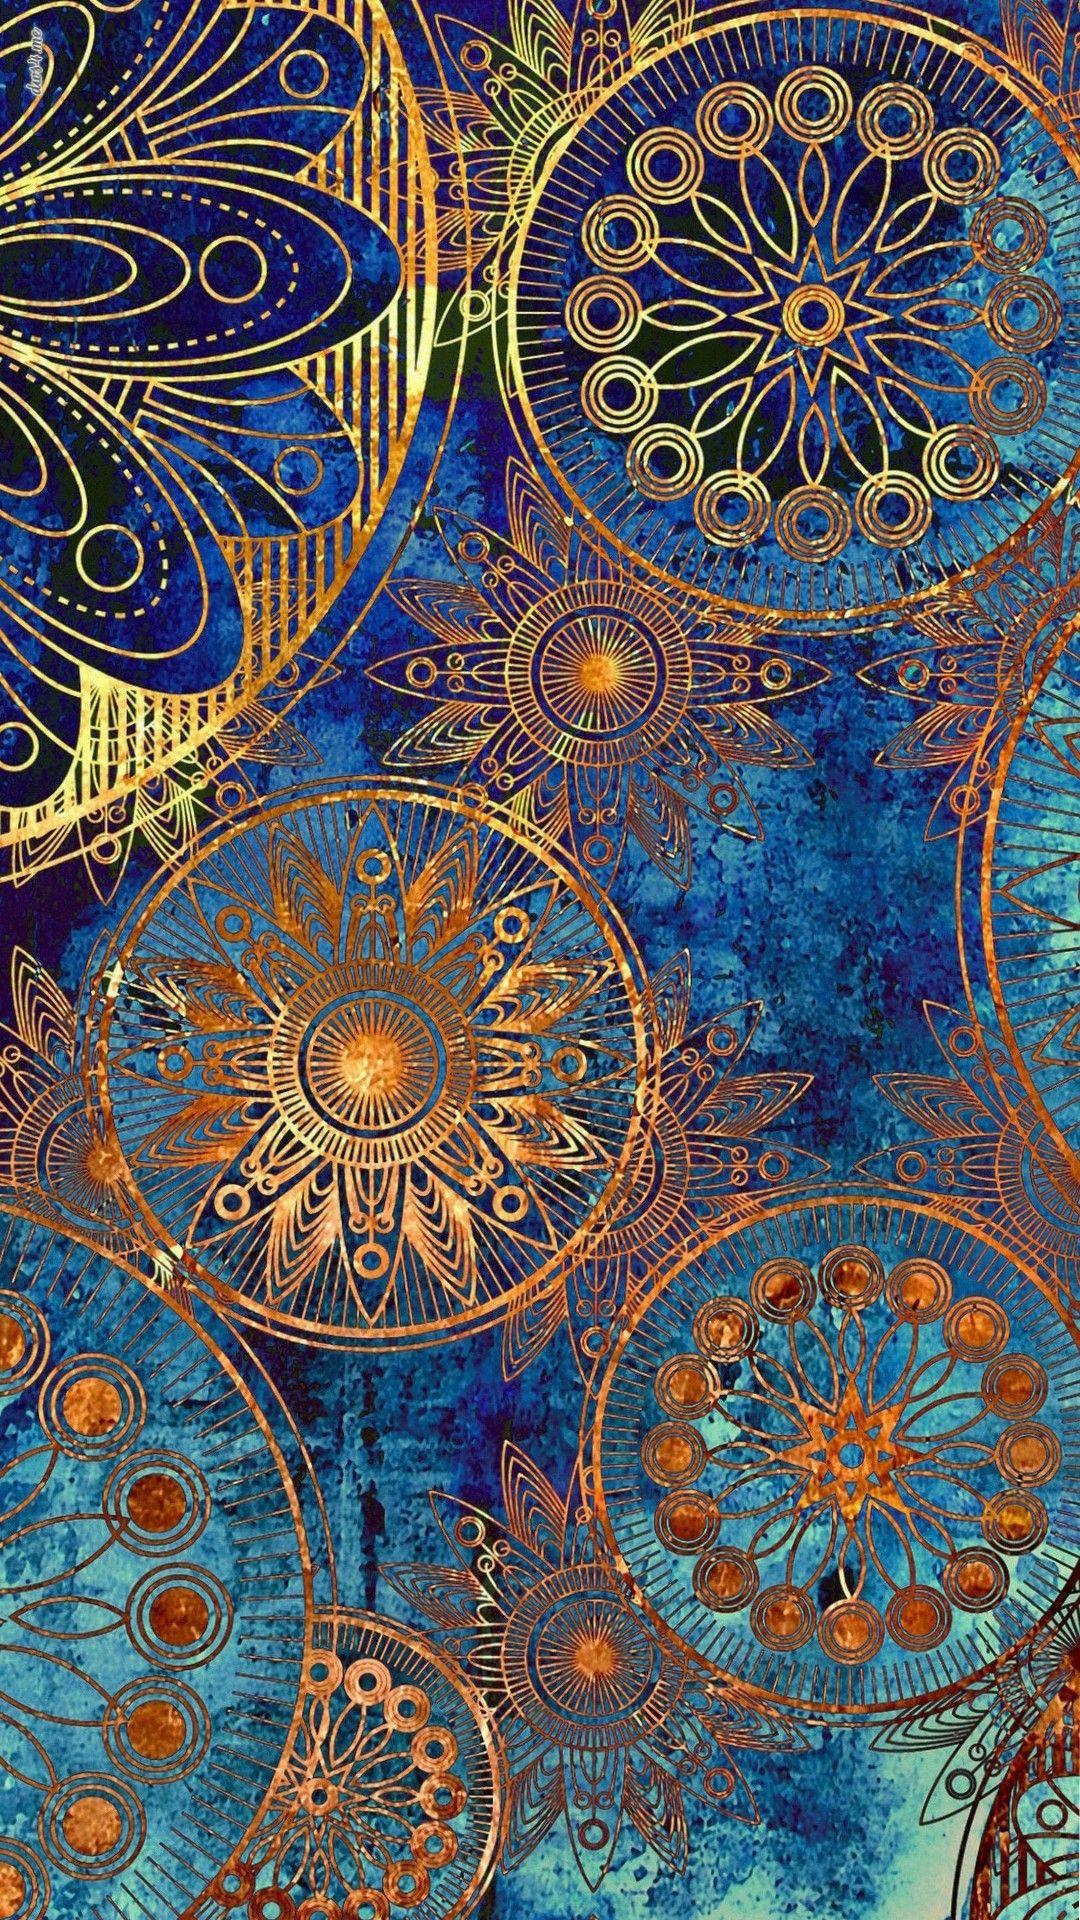 Mandala wallpaper | Wallpapers | Pinterest | Mandala ...